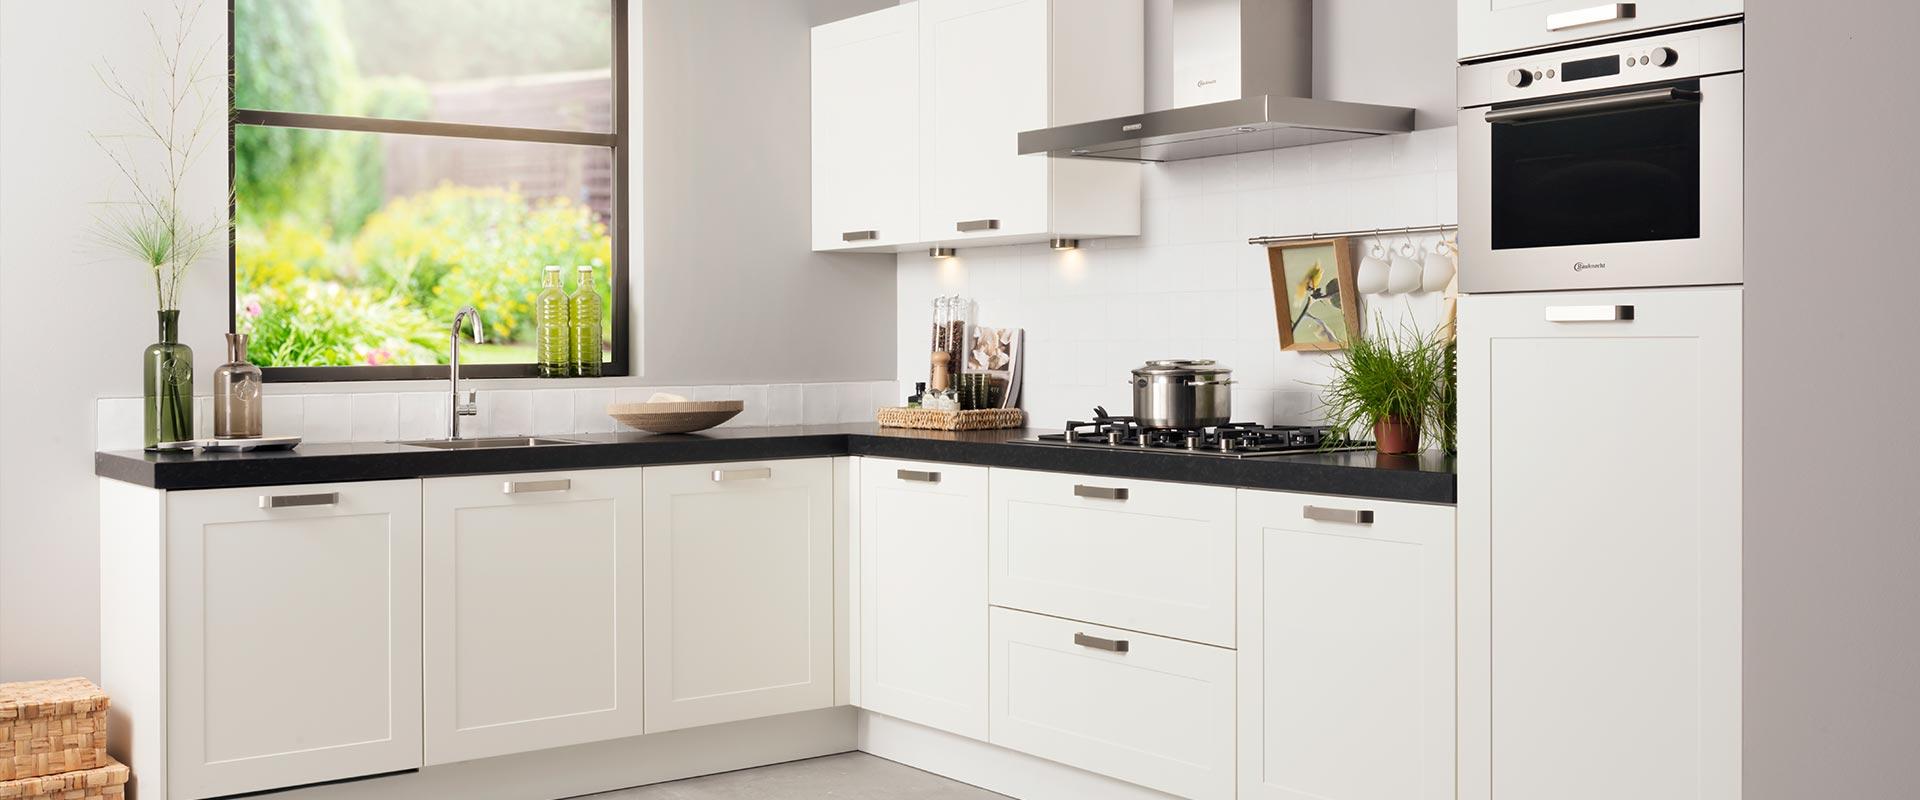 Waarom is de juiste hoogte van uw keukenblad zo belangrijk?